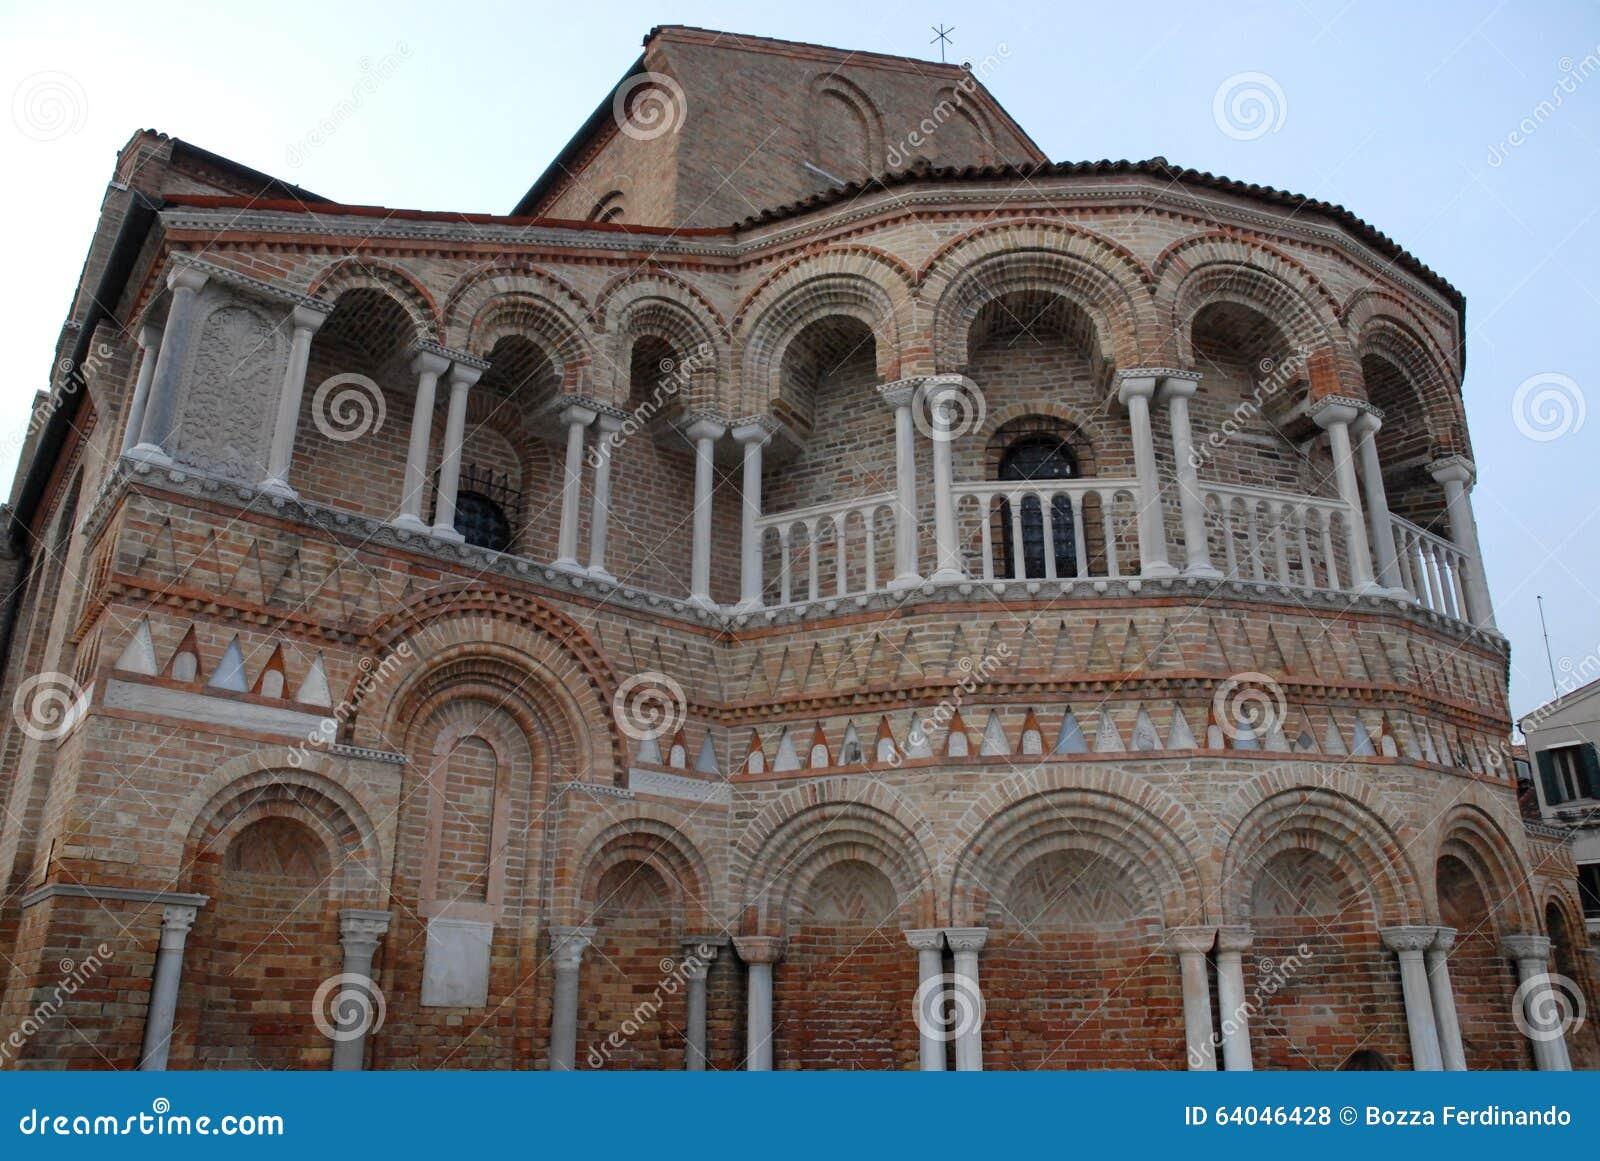 Ο εξωτερικός τοίχος apse του καθεδρικού ναού Murano στο δήμο της Βενετίας στο Βένετο (Ιταλία)